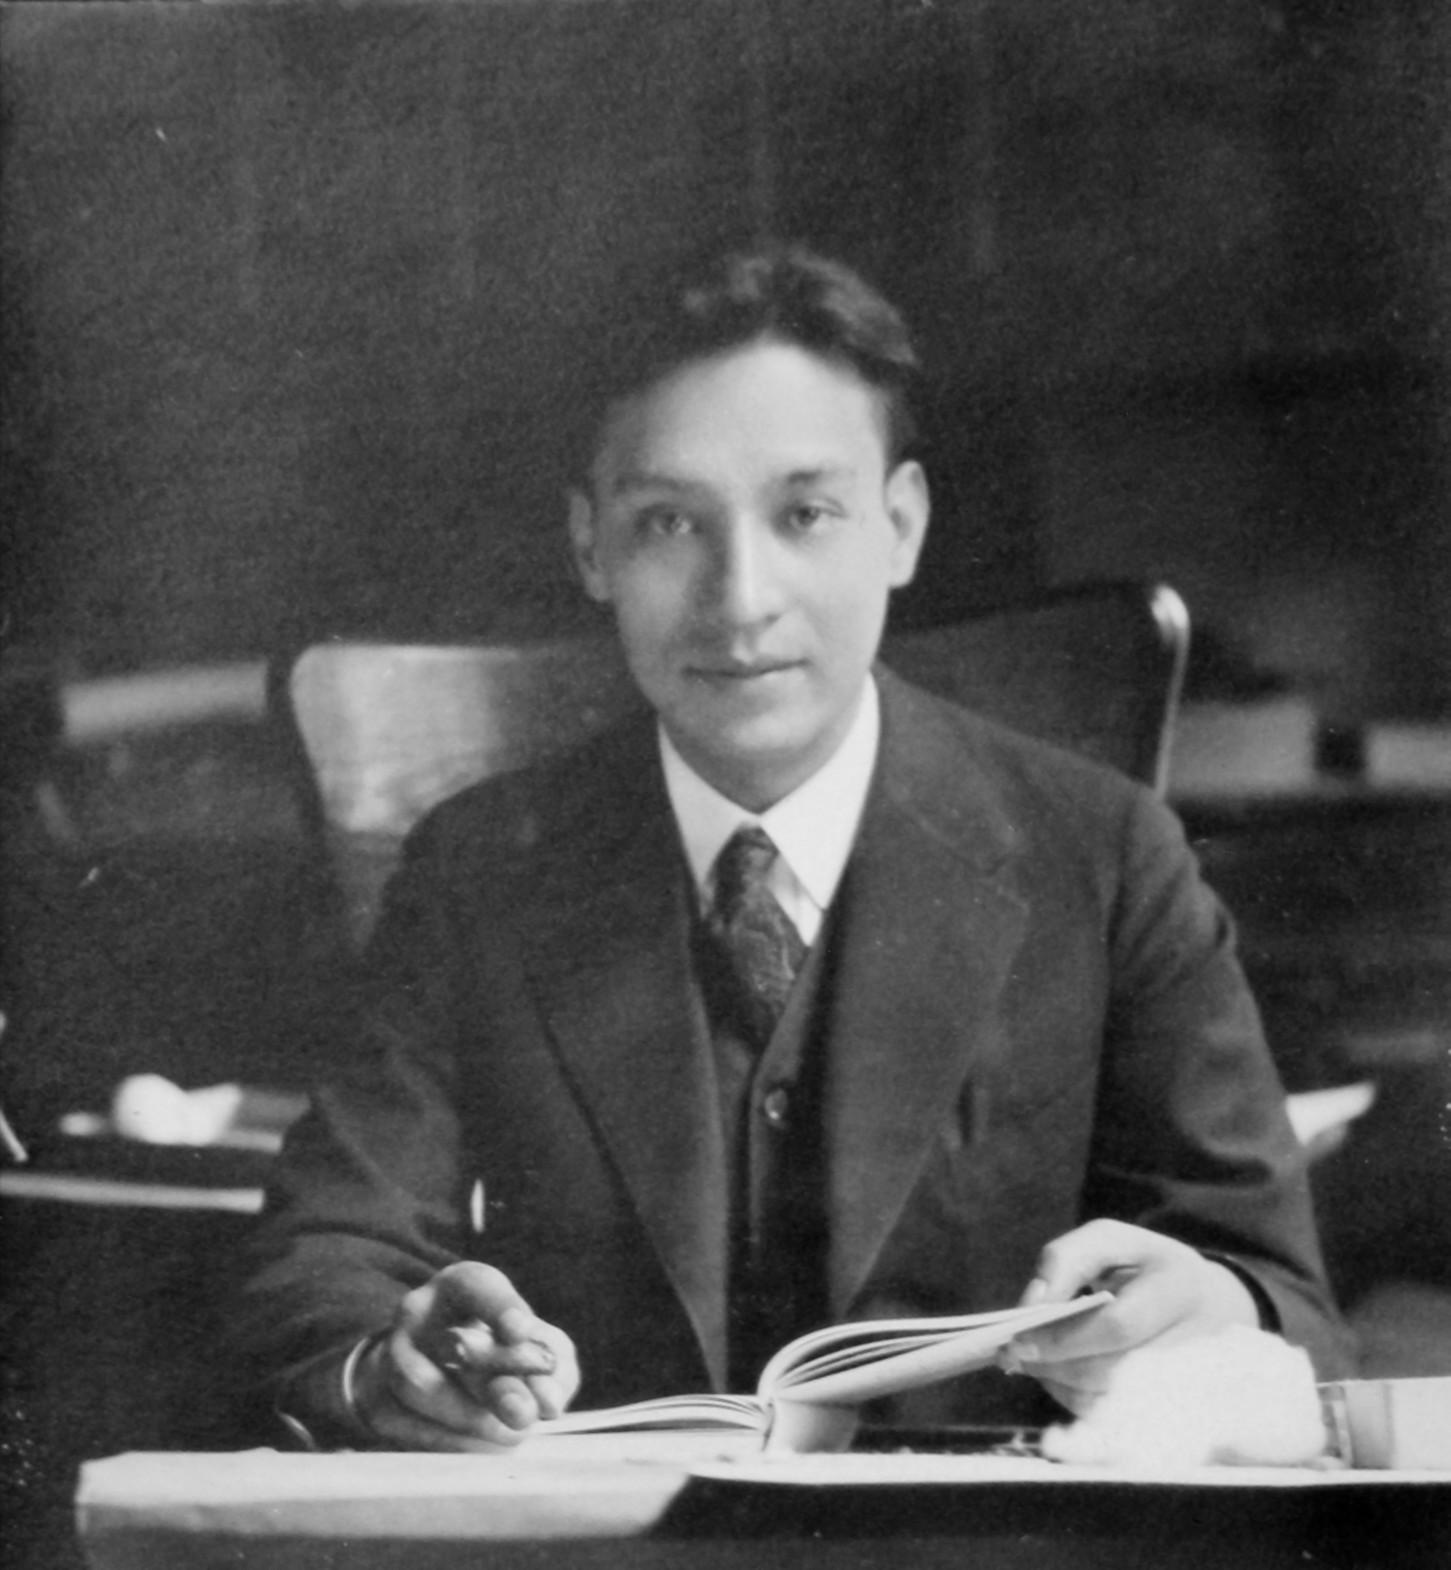 Image of Aurelio Escobar Castellanos from Wikidata